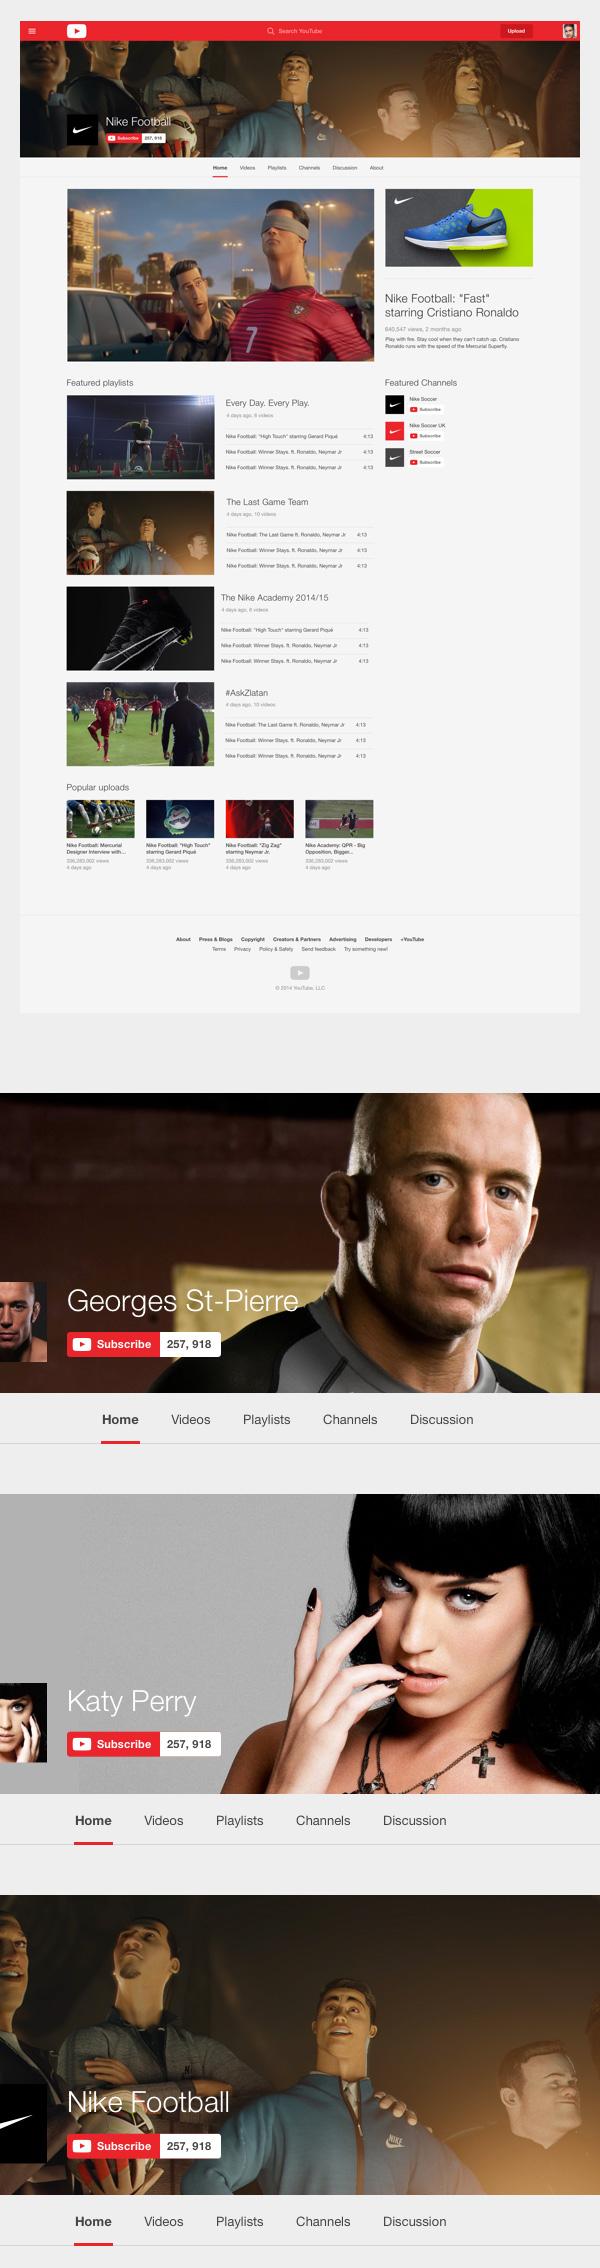 Youtube Redesign Concept - Kullanıcı sayfaları